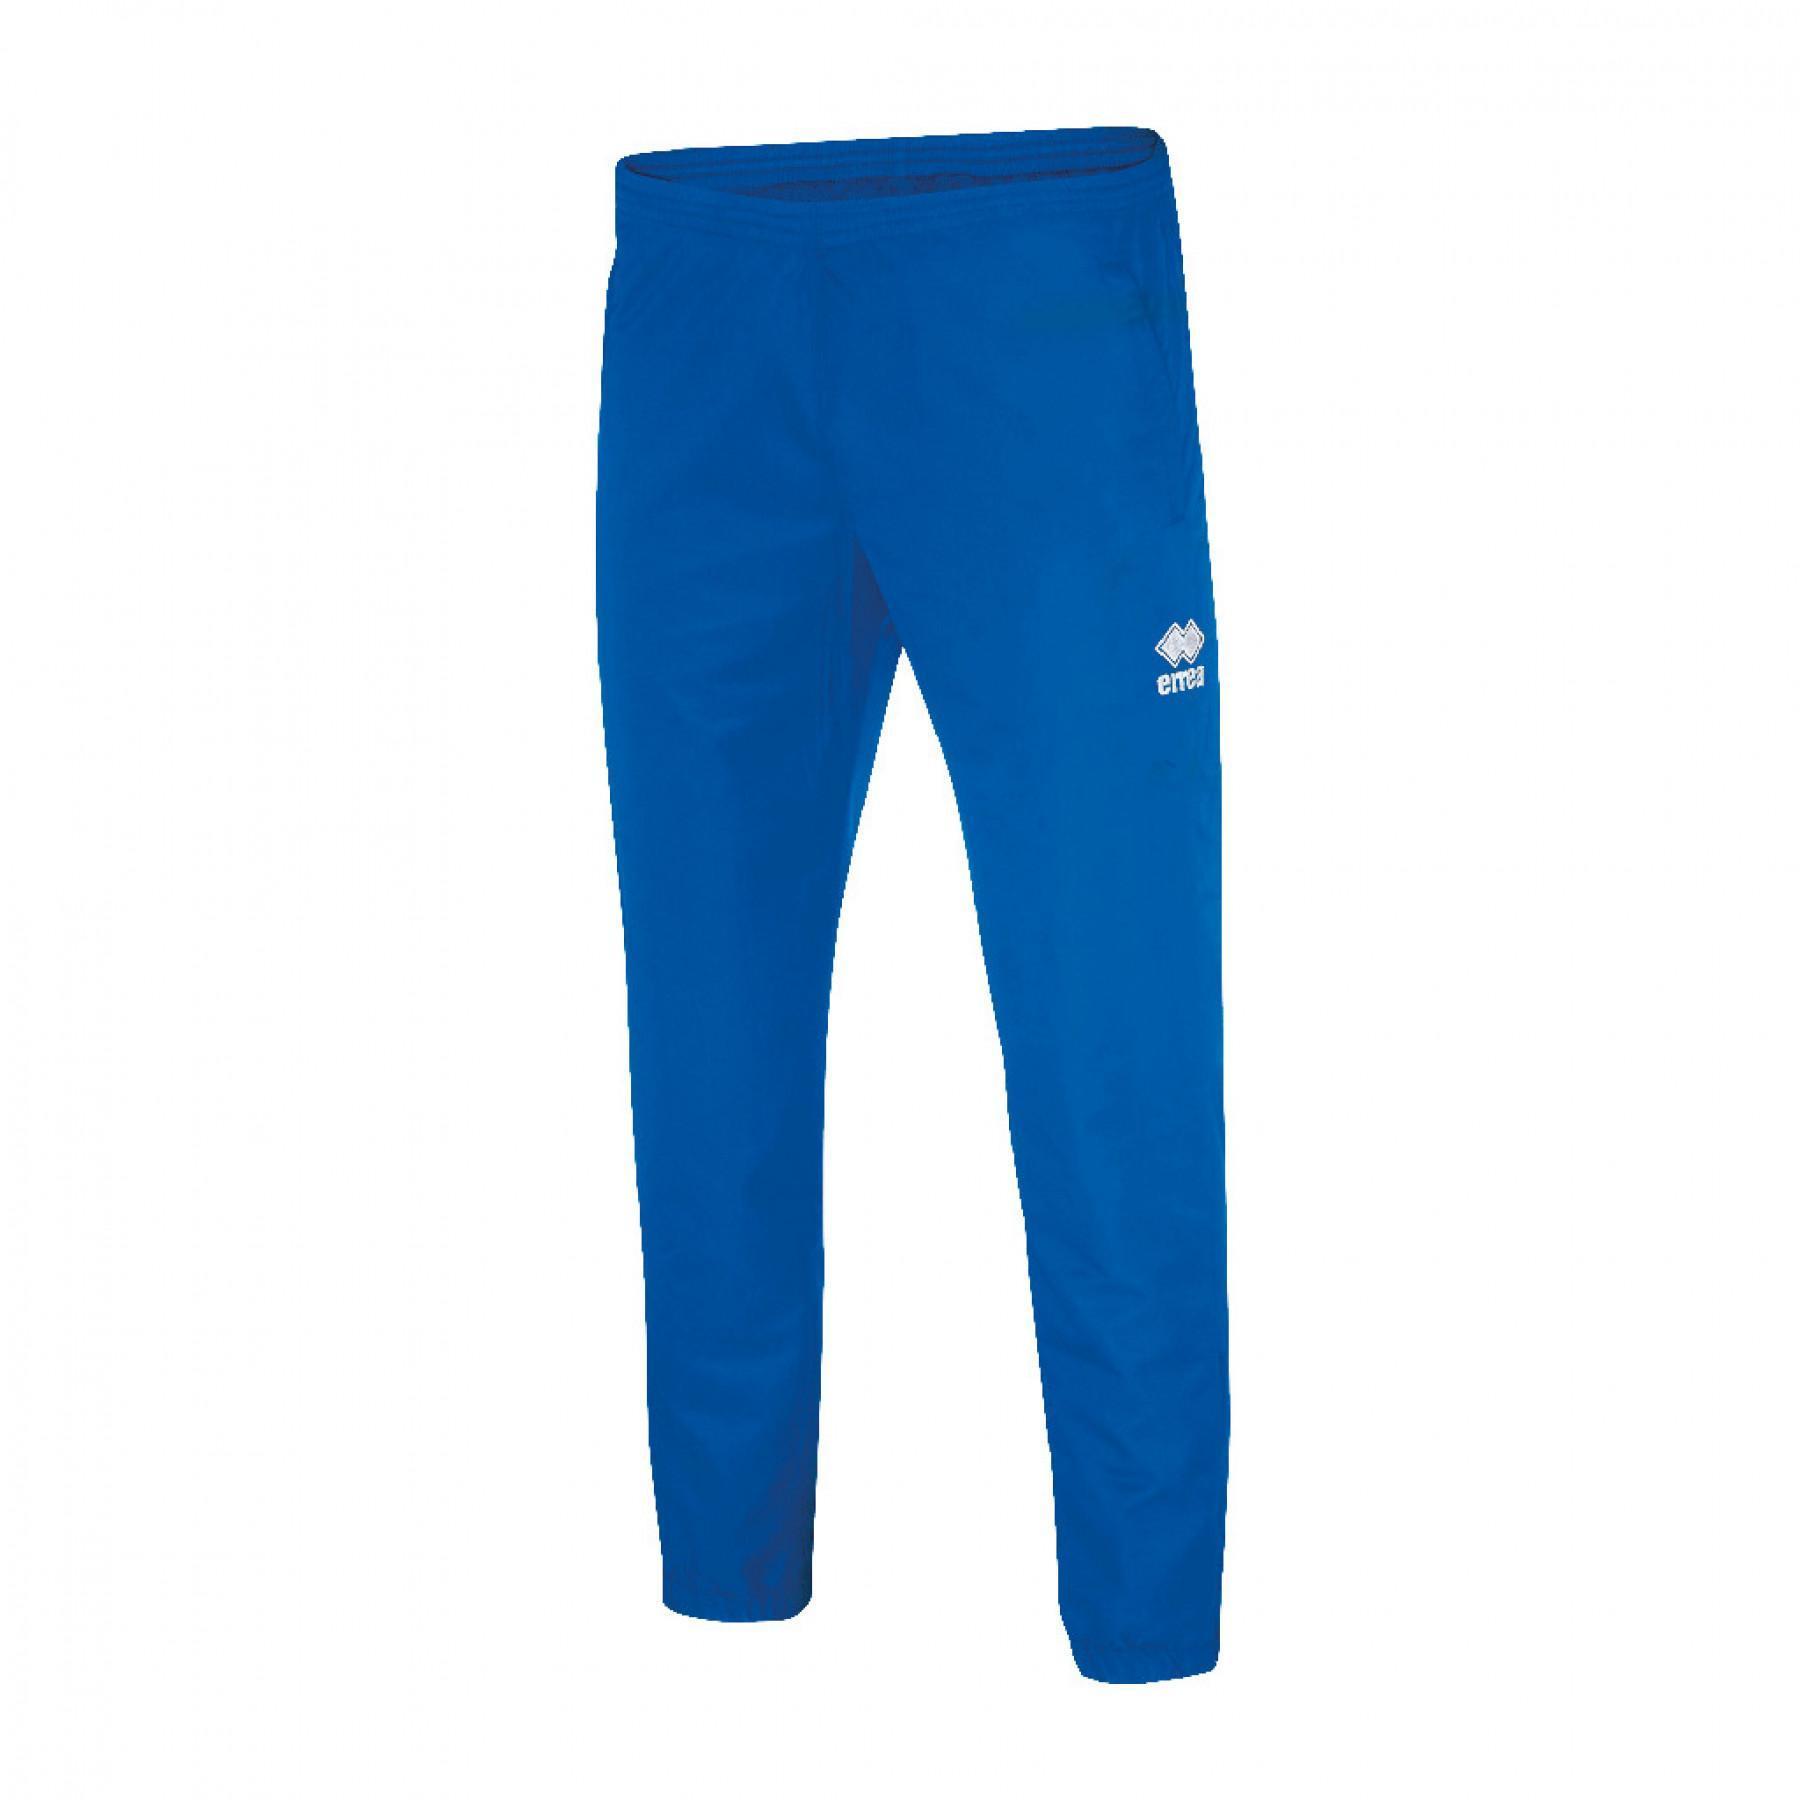 Trousers Errea austin 3.0